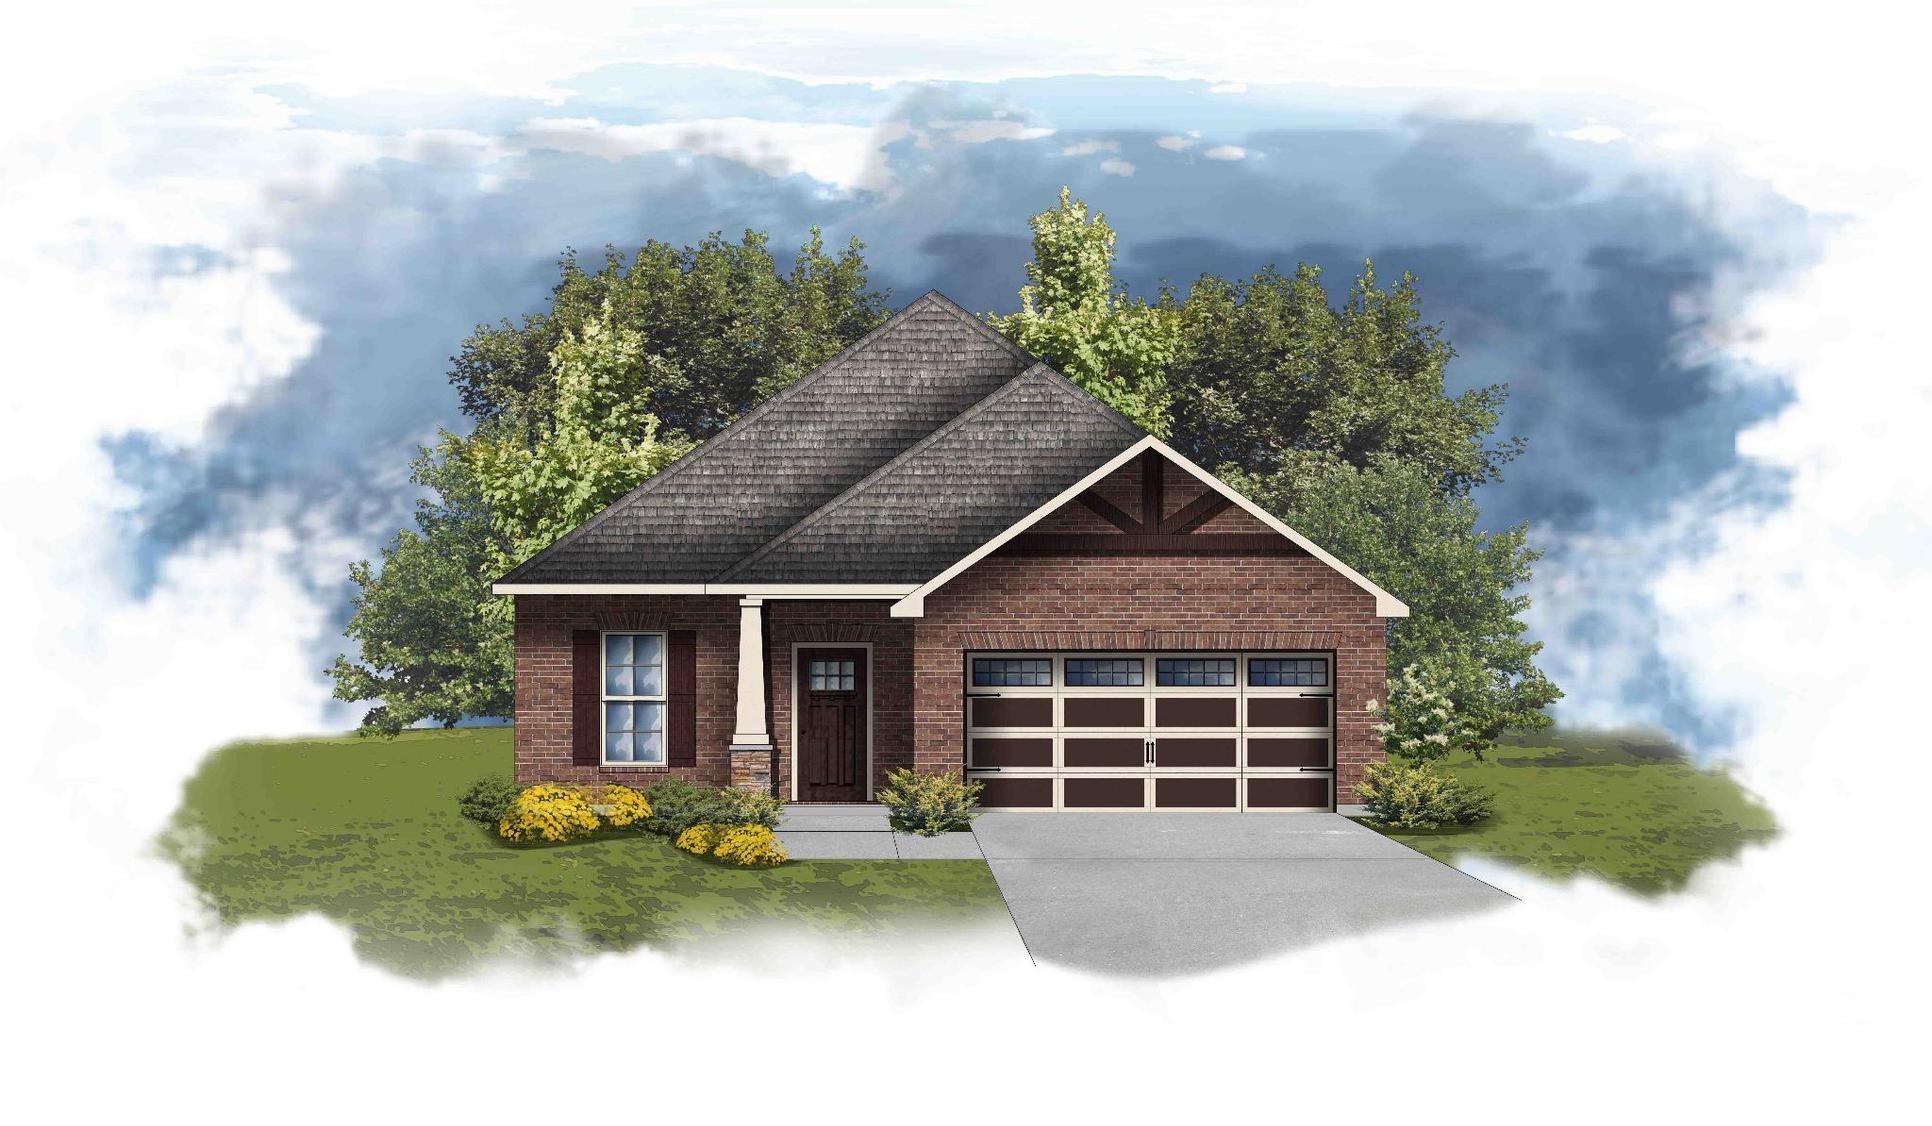 Delmar II D - Open Floor Plan - DSLD Homes